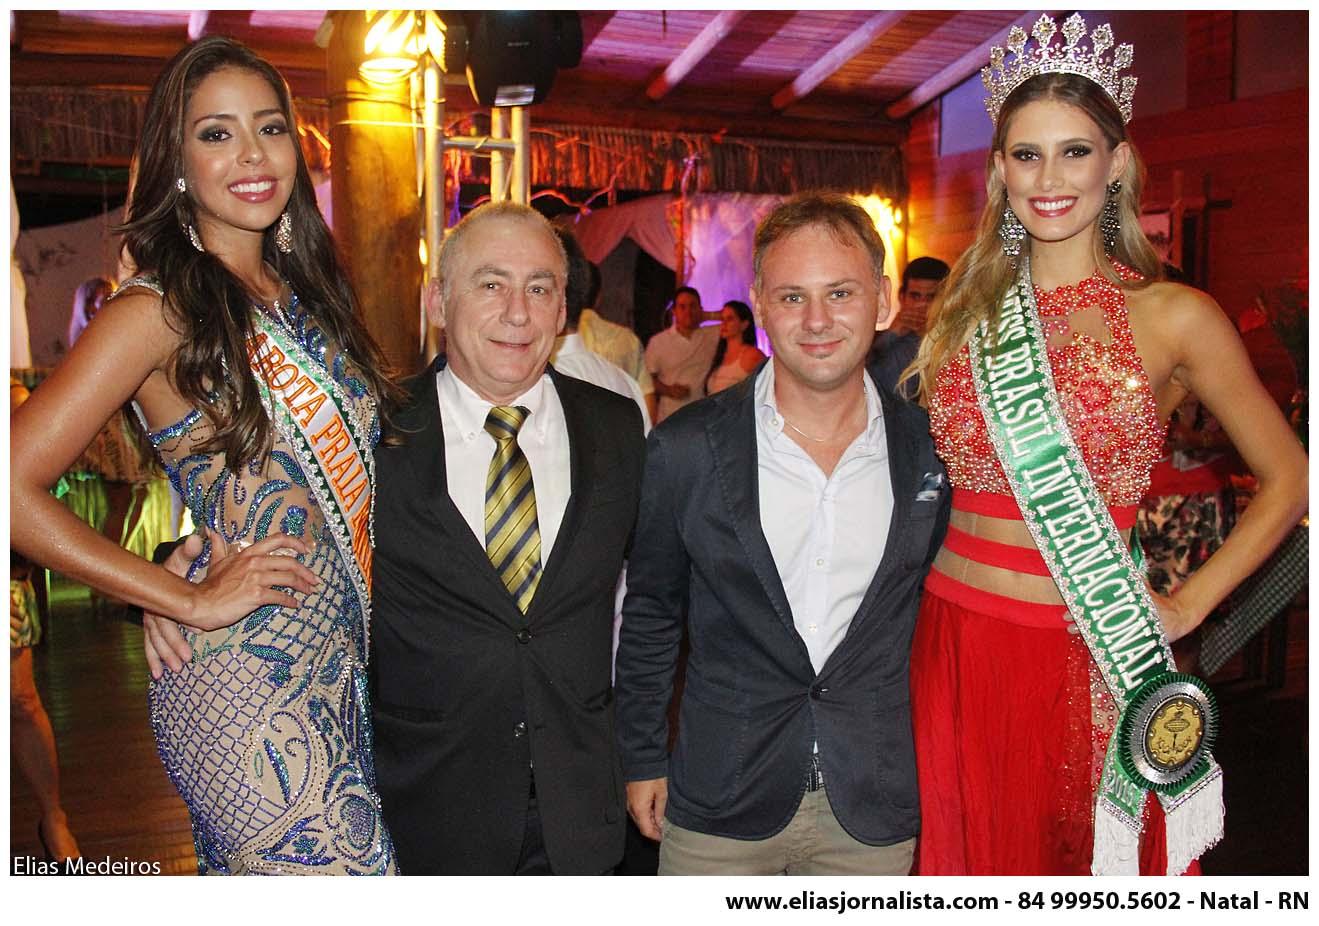 isis stocco, miss brasil internacional 2015. - Página 4 Owlqgxih